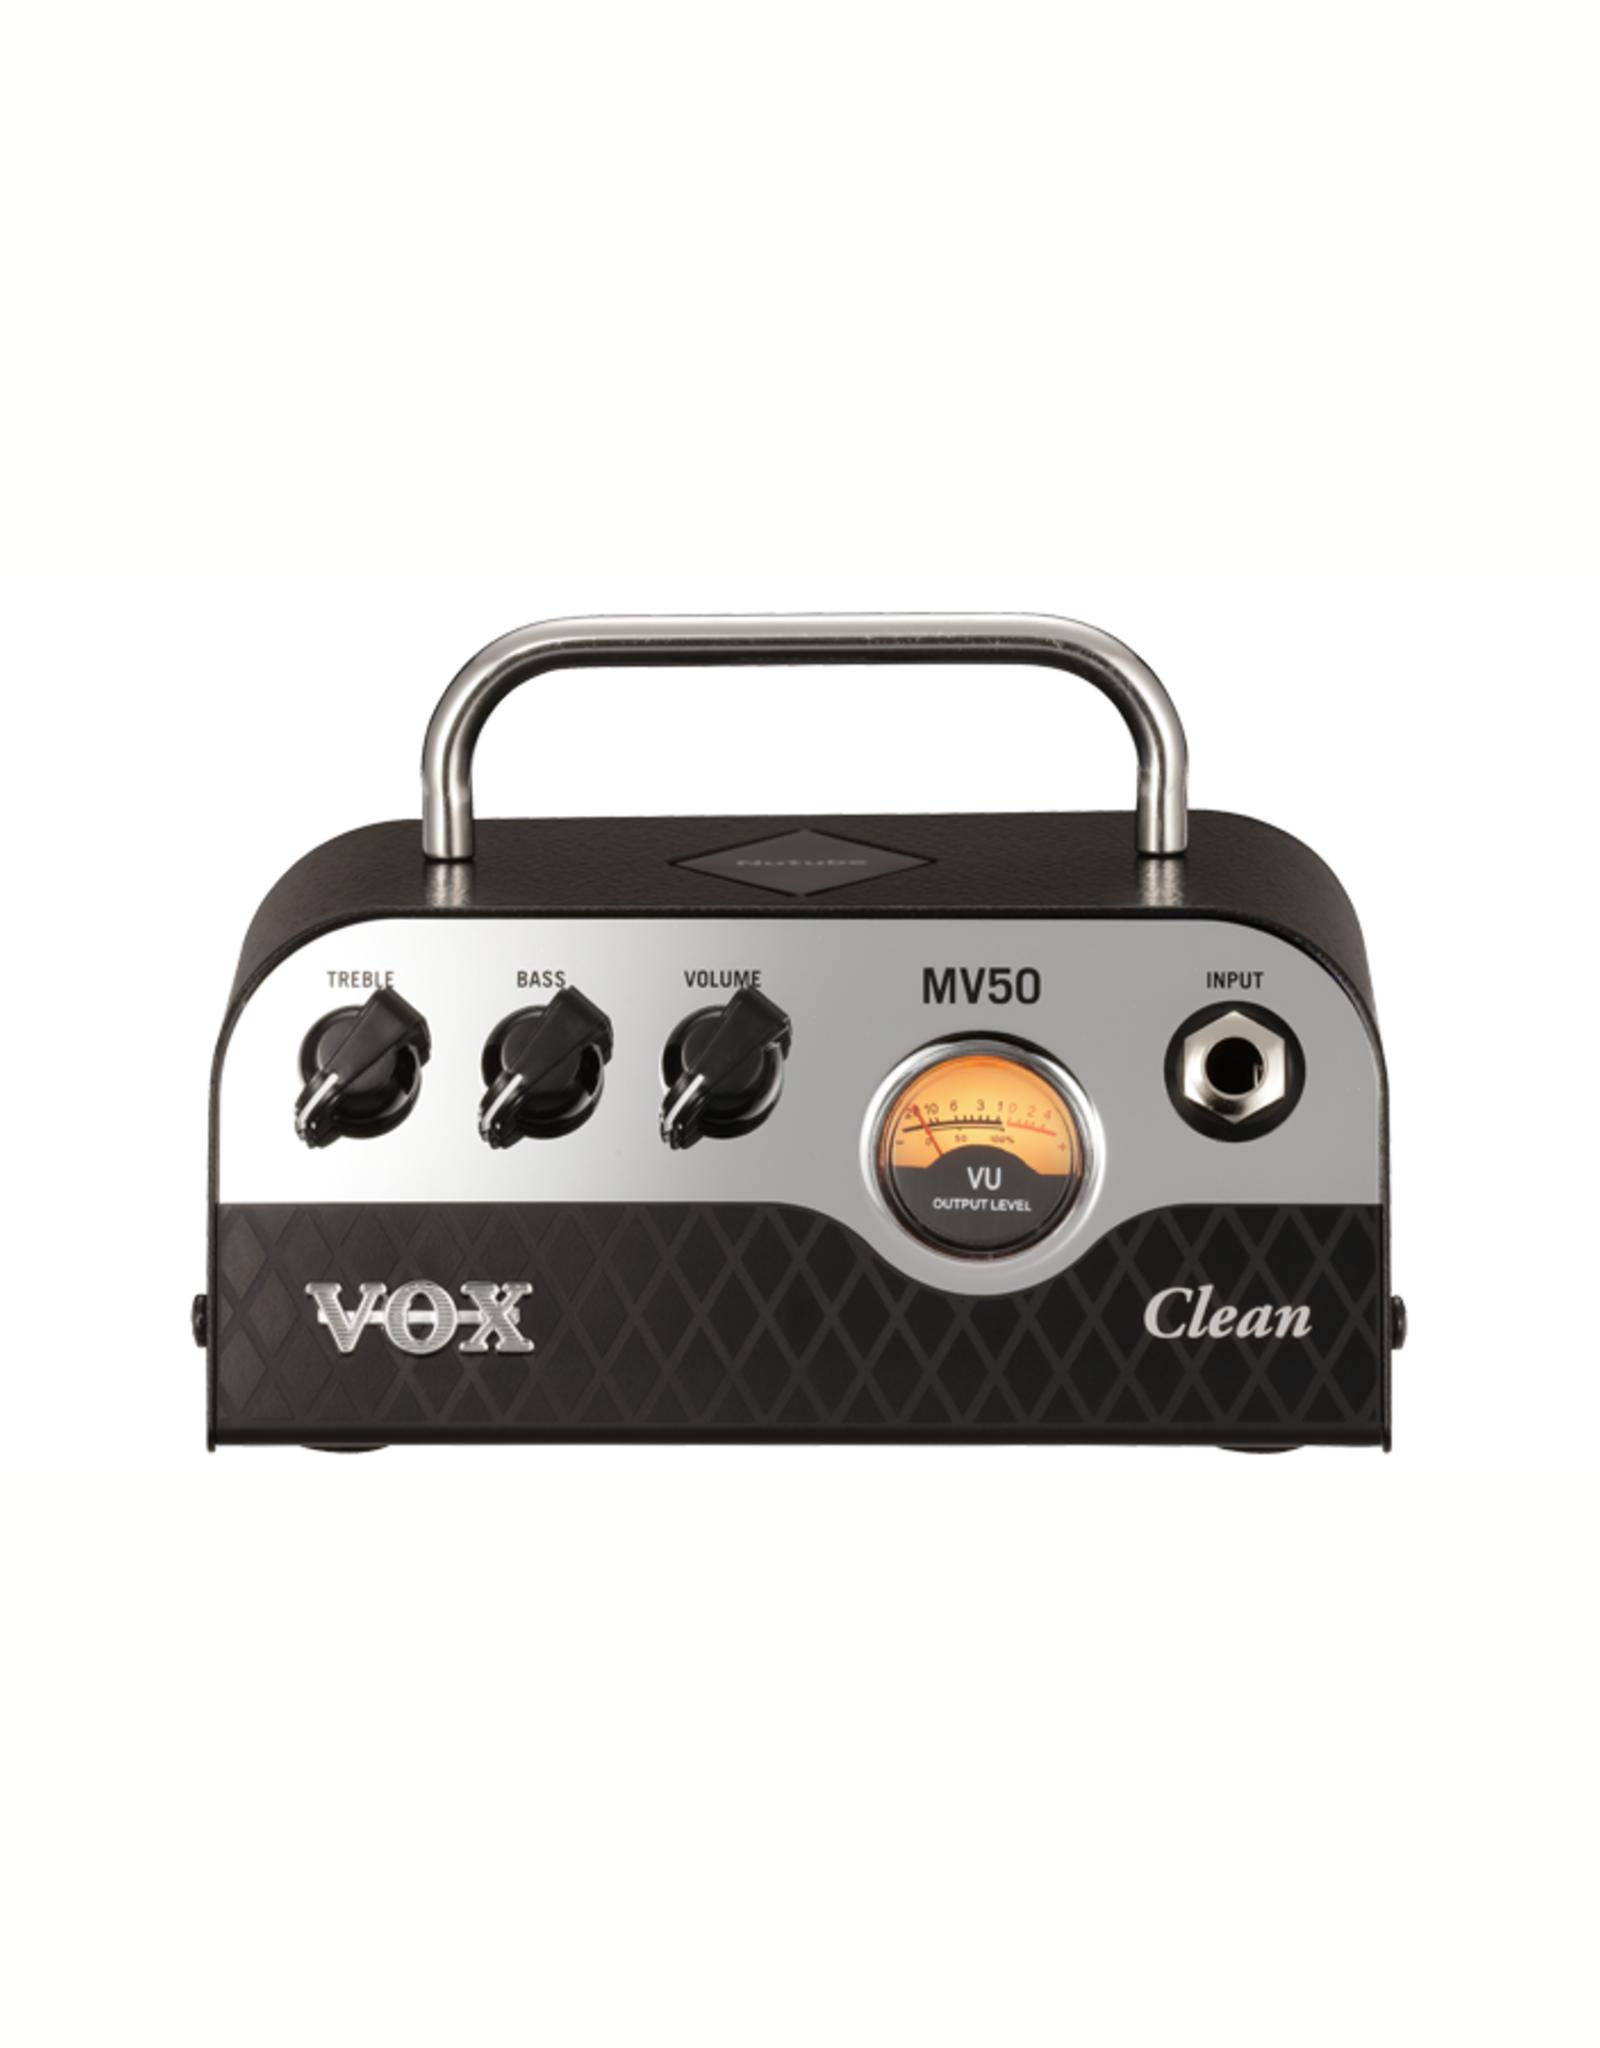 Vox Vox MV50 50W Clean Head